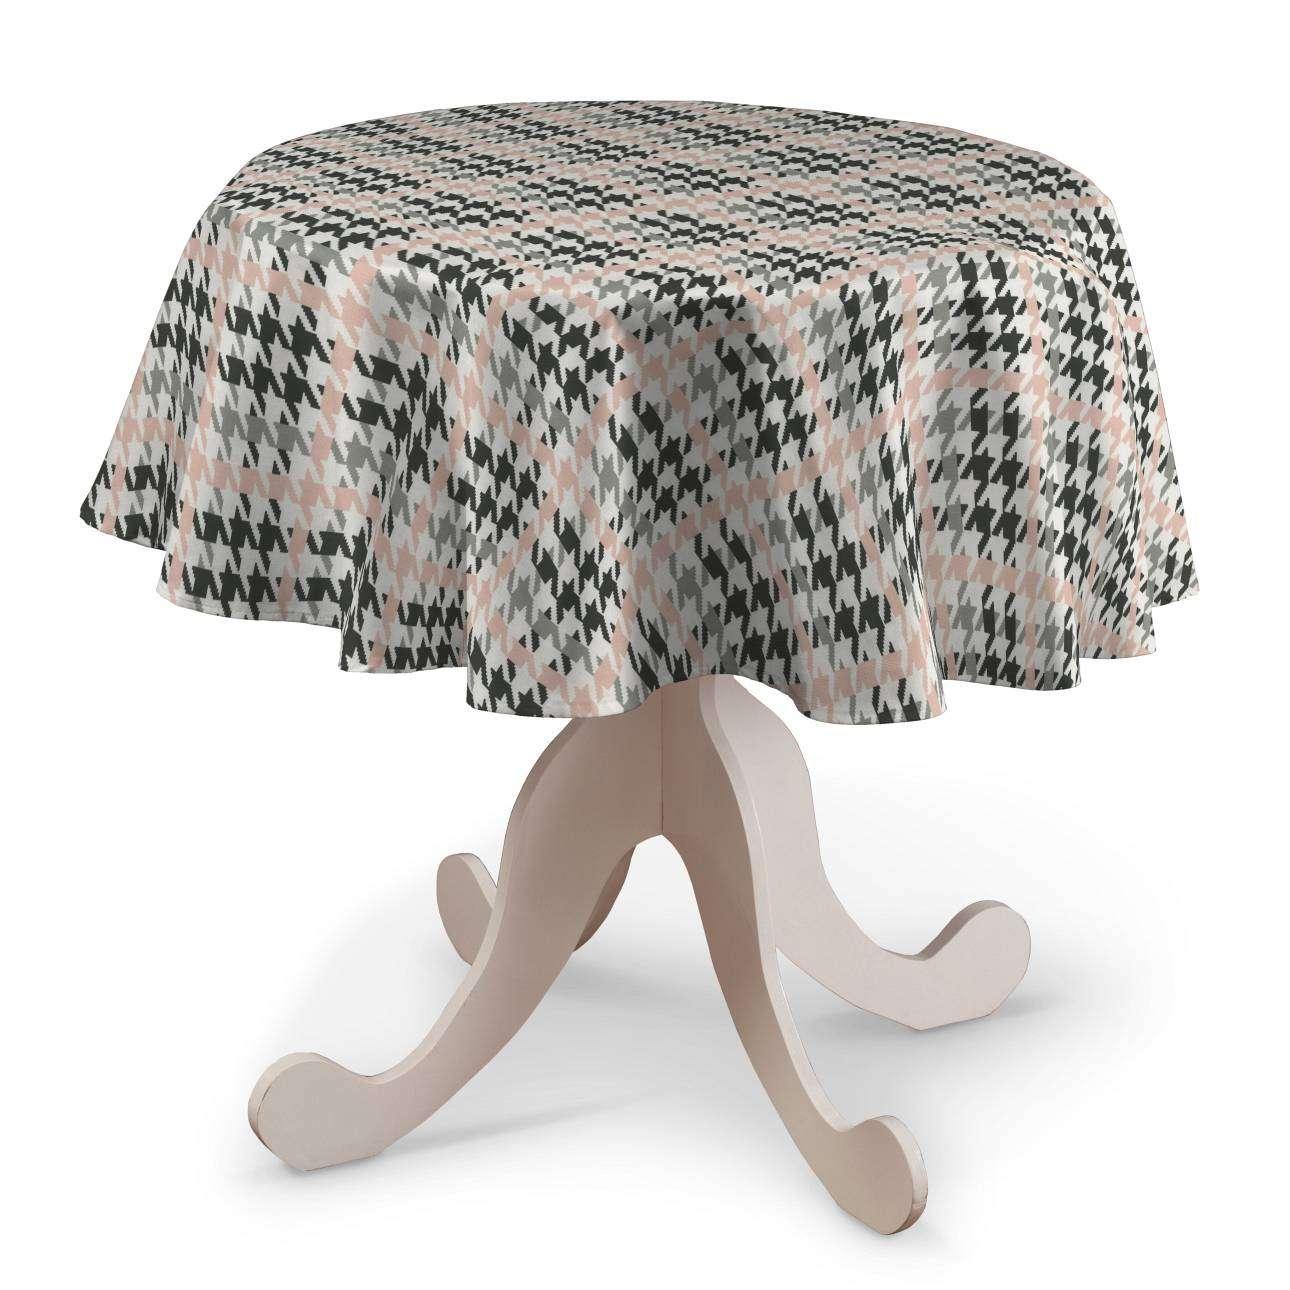 Kerek asztalterítő a kollekcióból SALE, Dekoranyag: 137-75